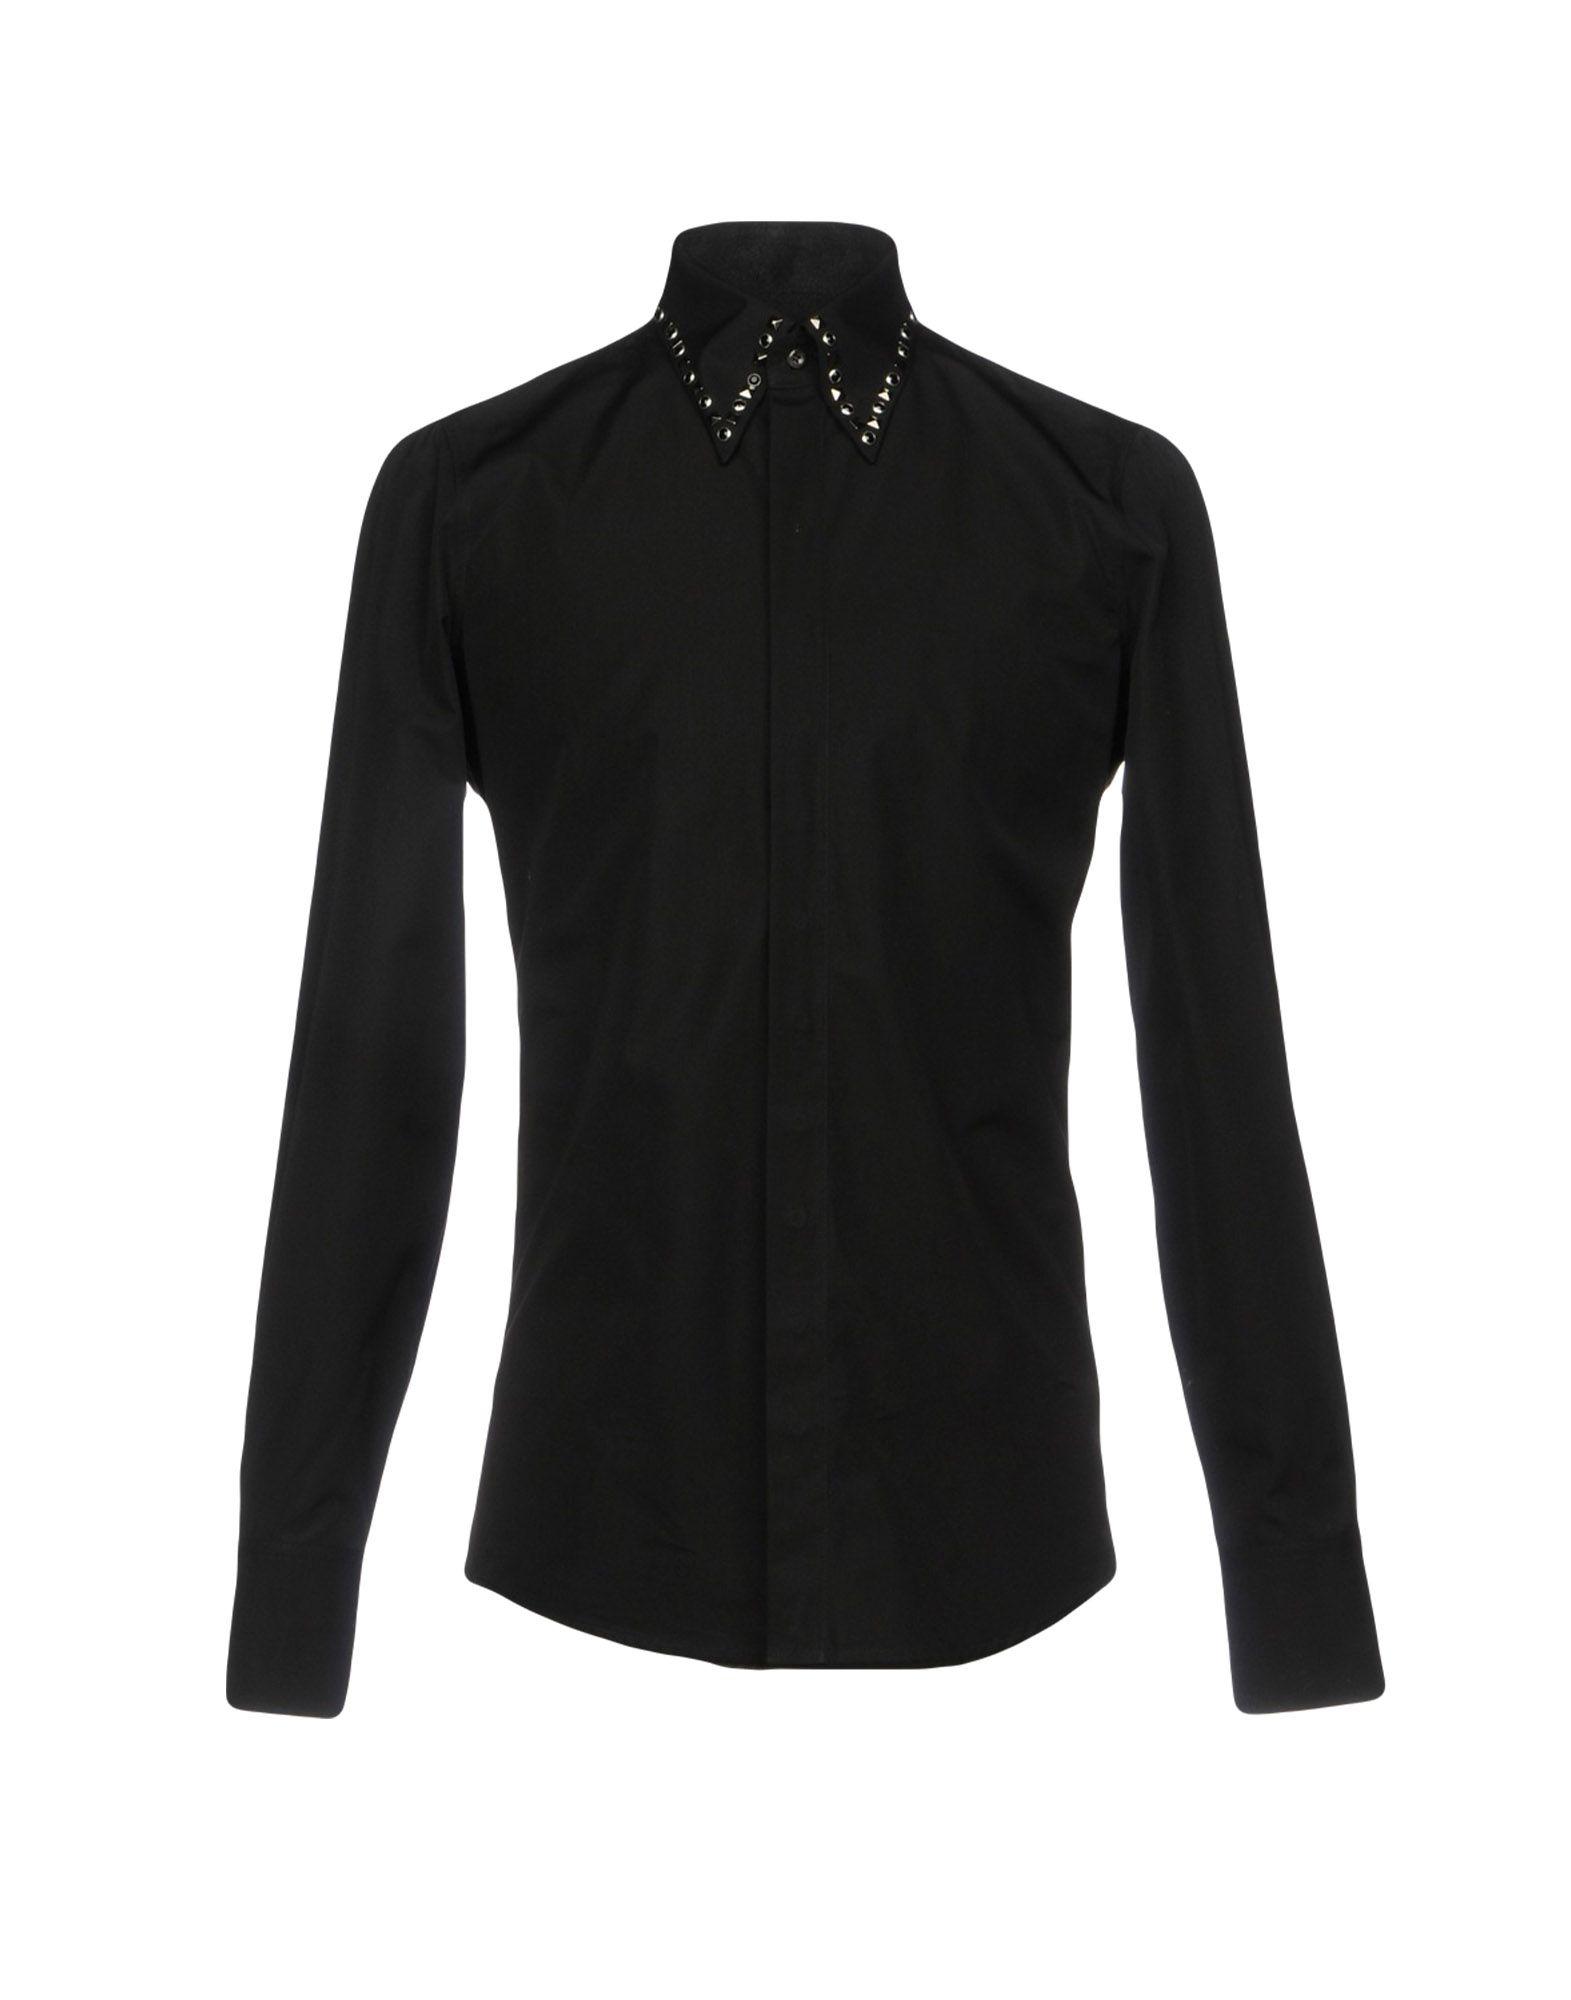 DSQUARED2 Herren Hemd Farbe Schwarz Größe 5 - broschei